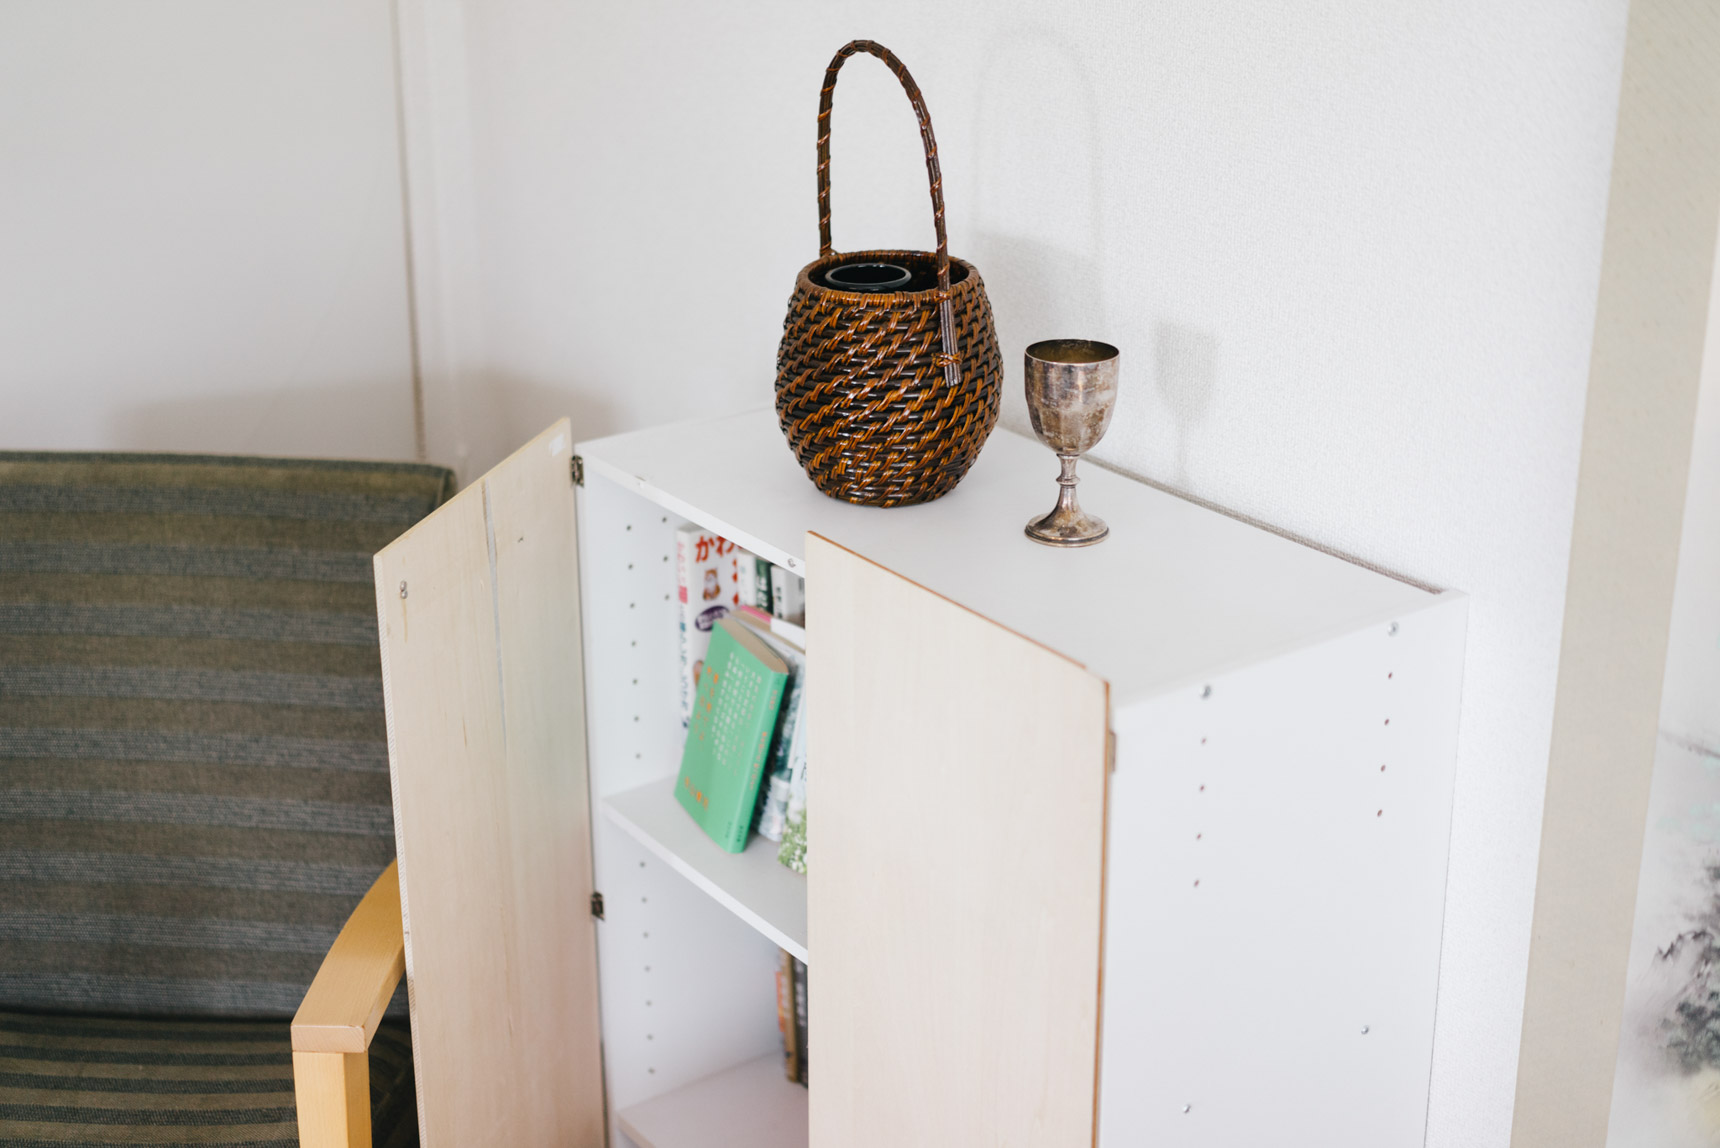 本や漫画をしまってあるカラーボックスは、蝶番で板をとりつけて扉に。これがあることで、かなりすっきりとした見た目になります。上部にはマグネットが付いていて「カチッ」と閉まるのが気持ち良い。